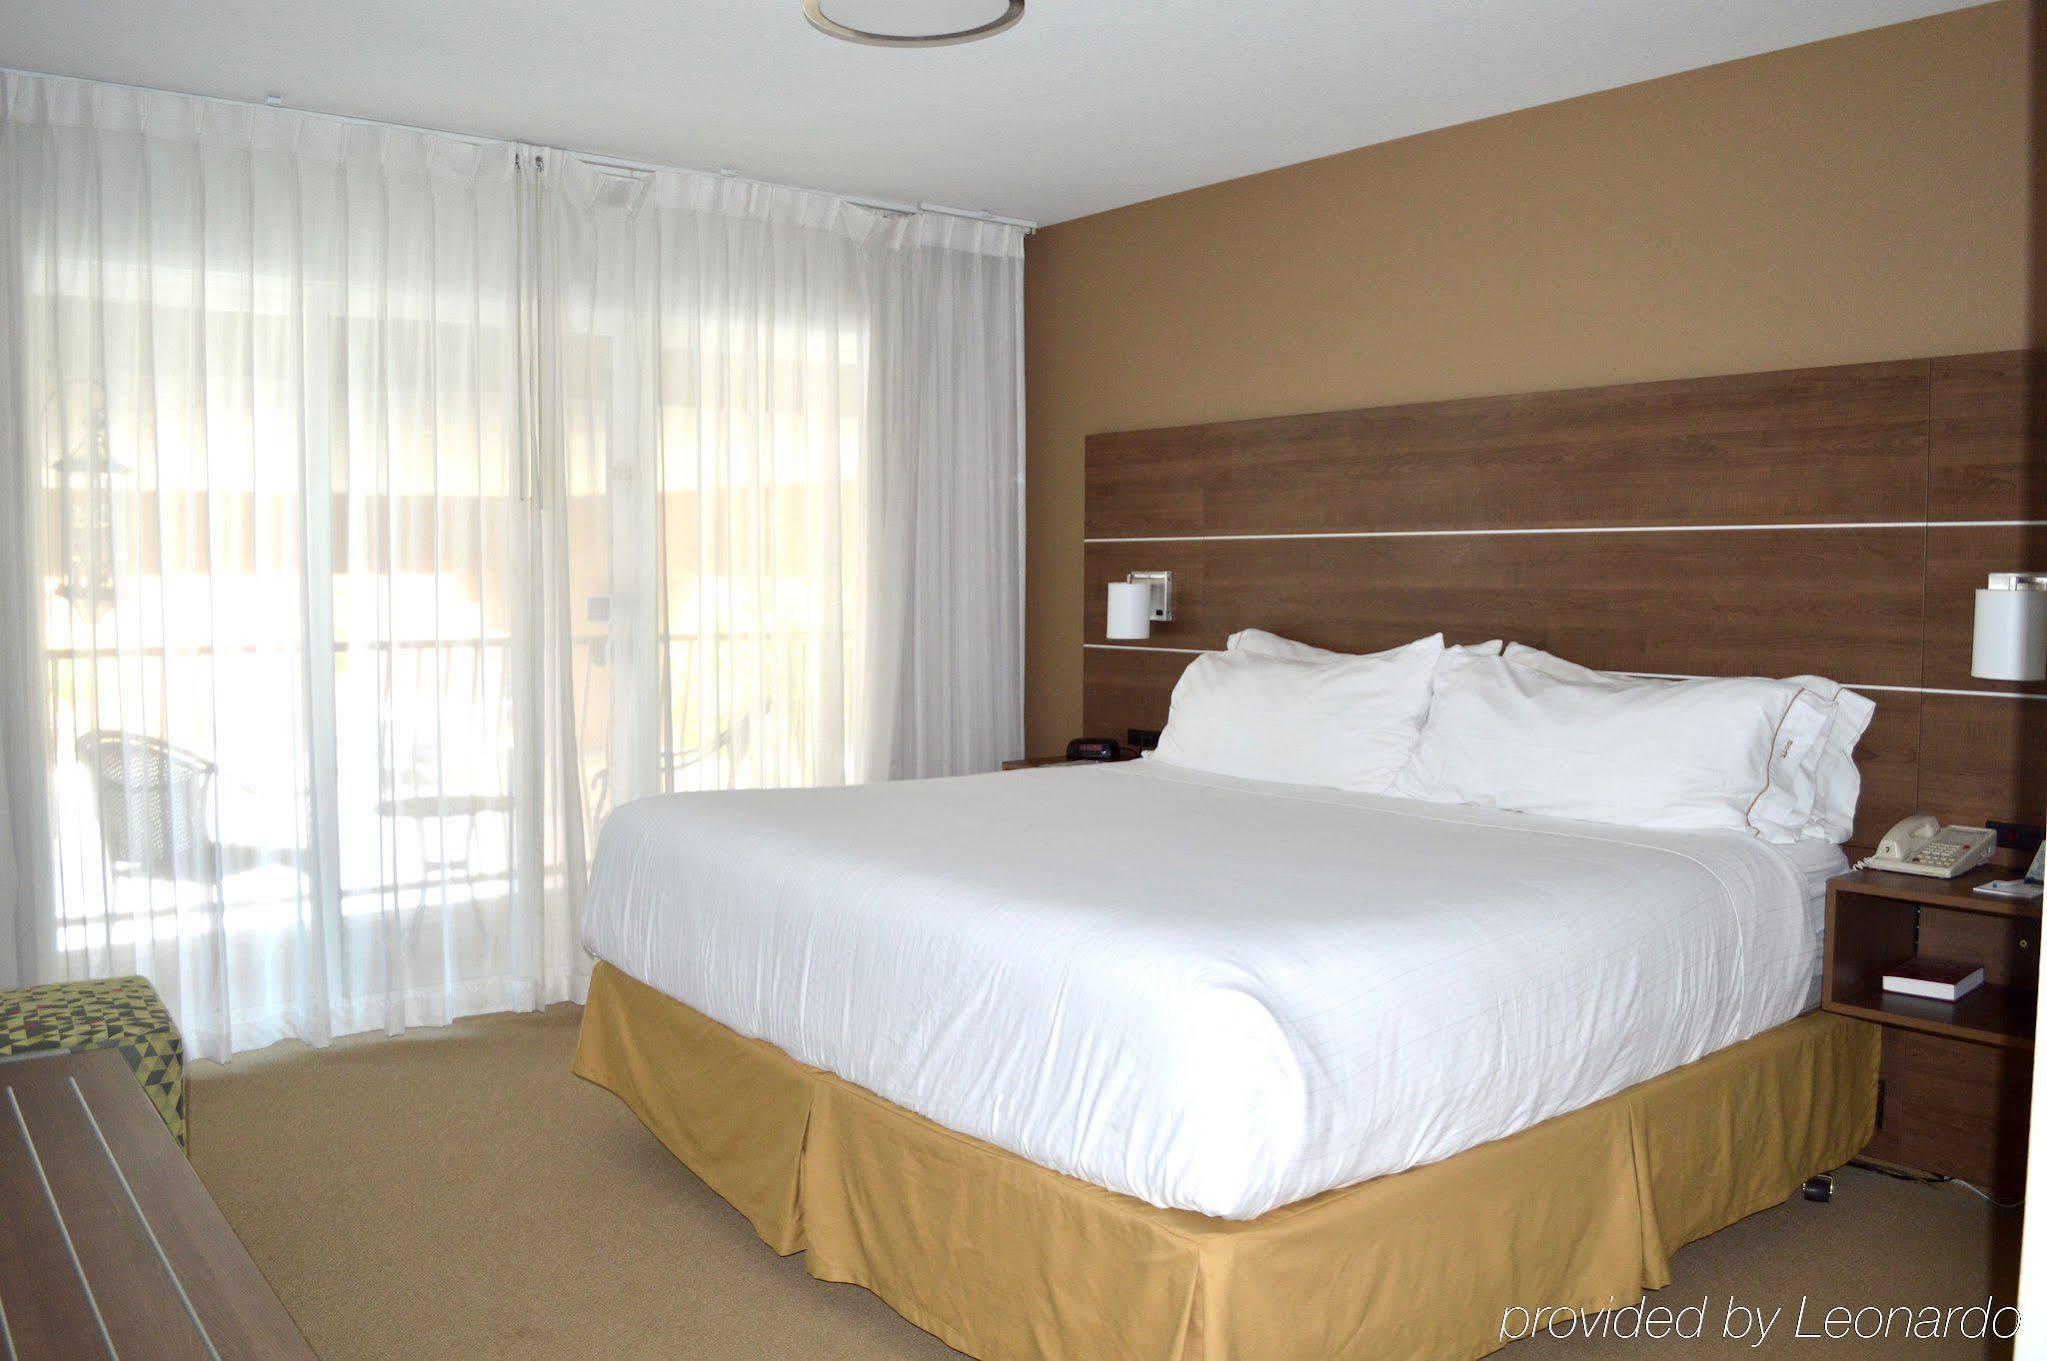 Holiday Inn Express Calexico